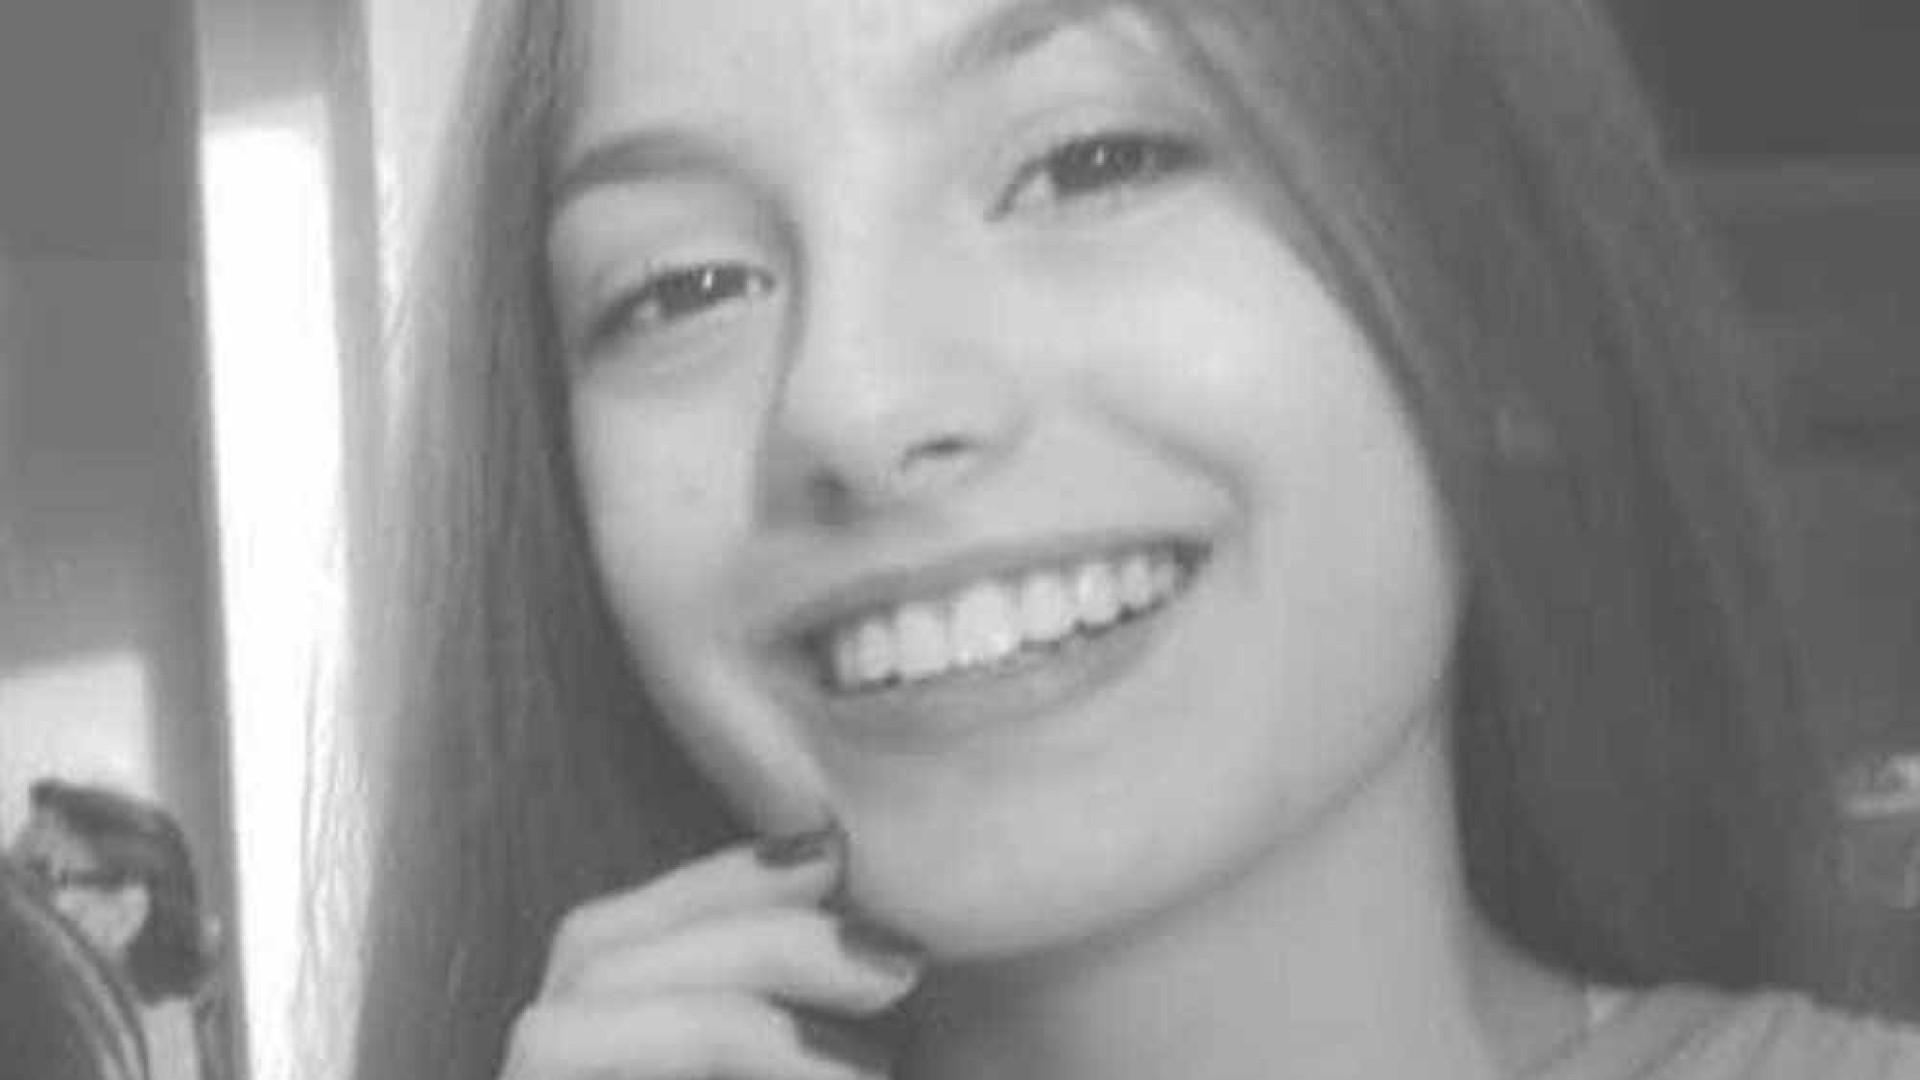 Imagens mostram adolescente que matou vizinha entrando em elevador